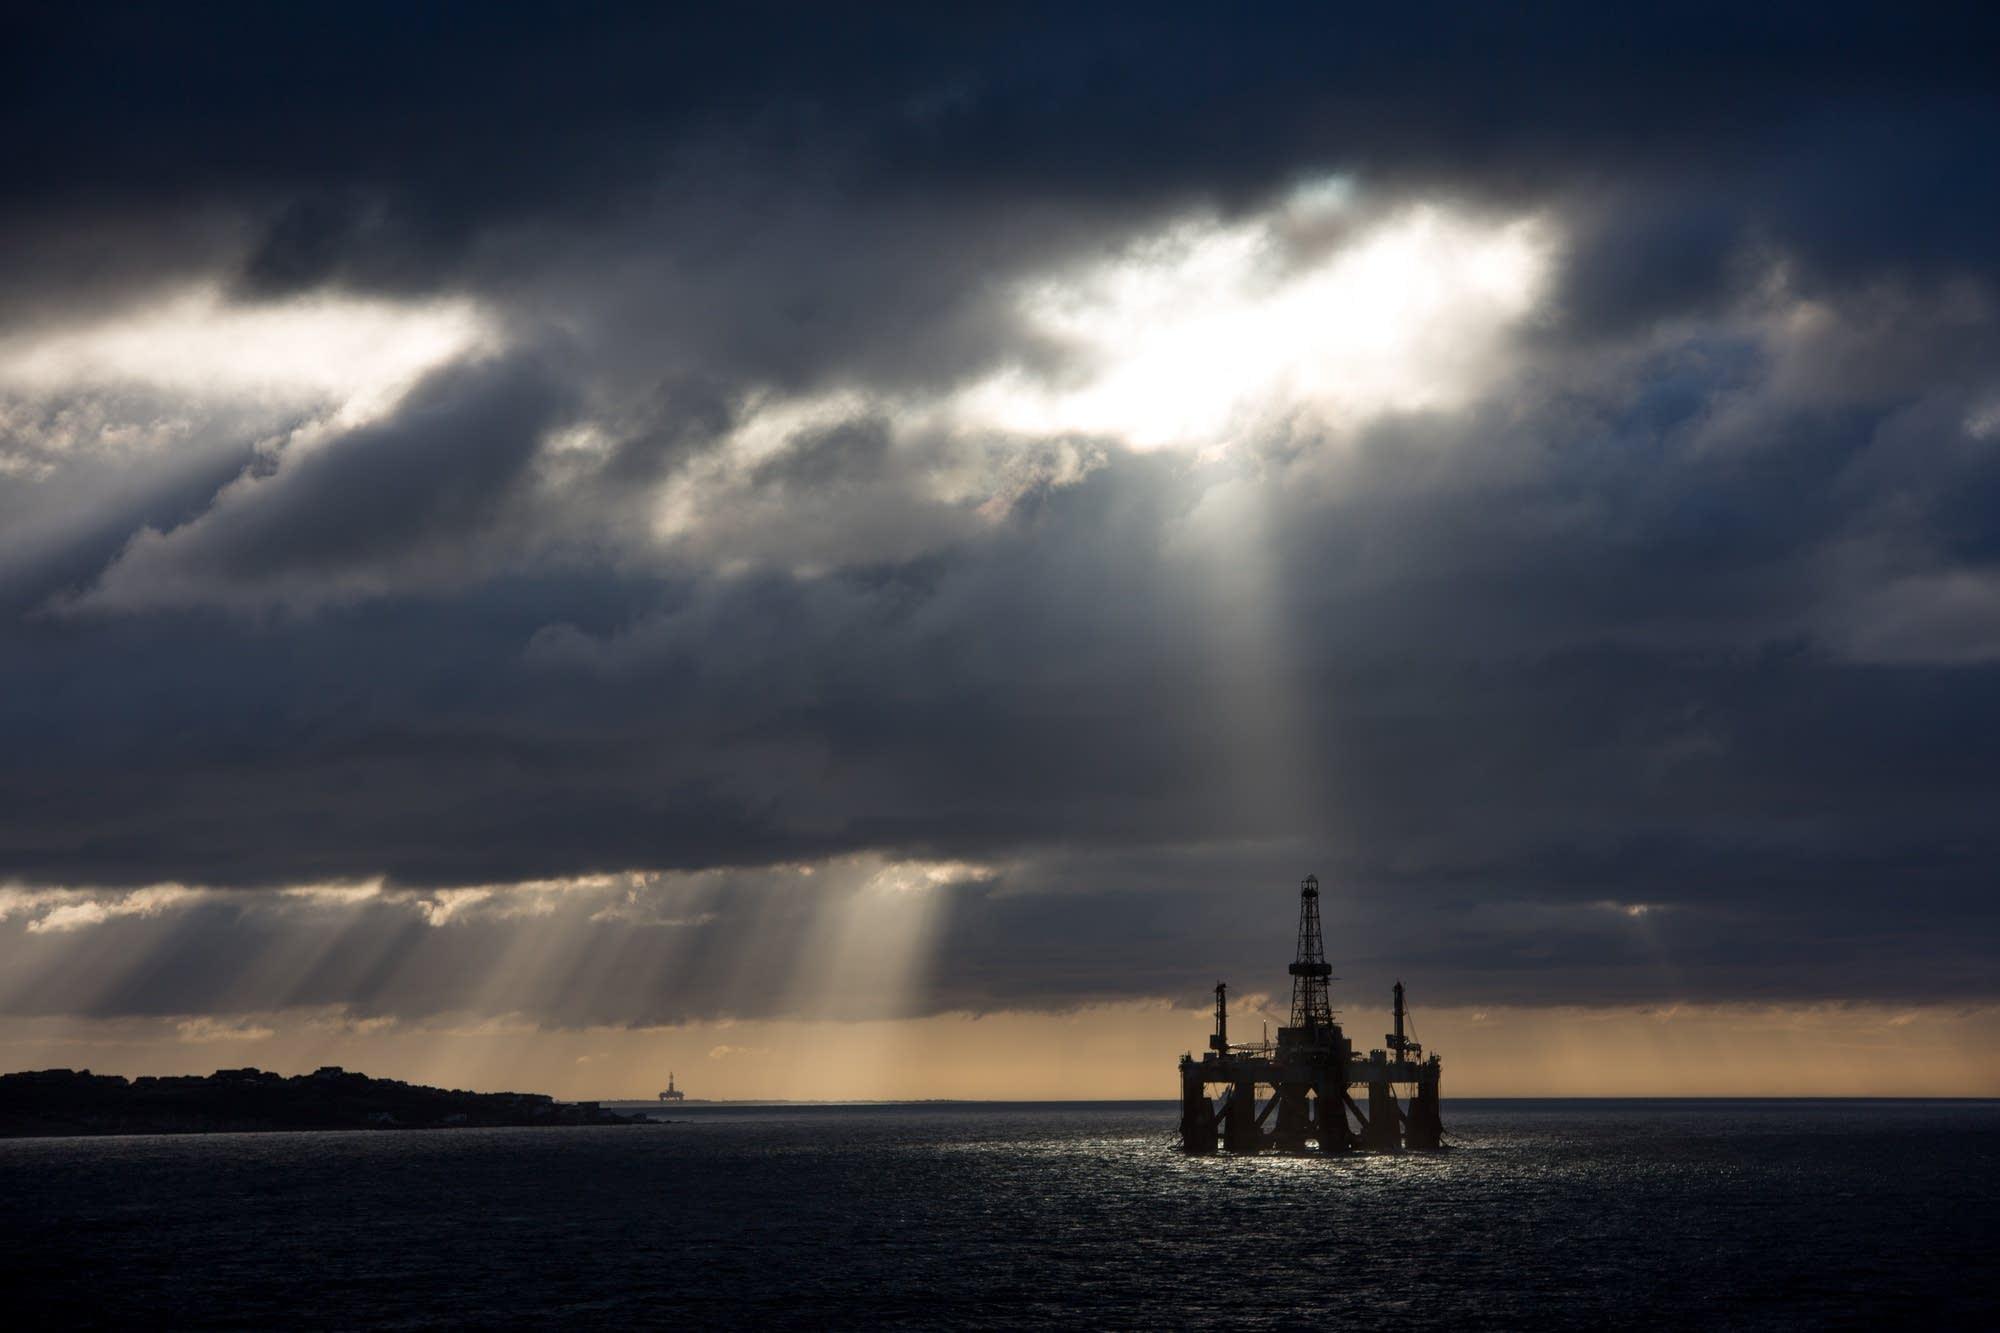 Invergordon - 50 - oil rig